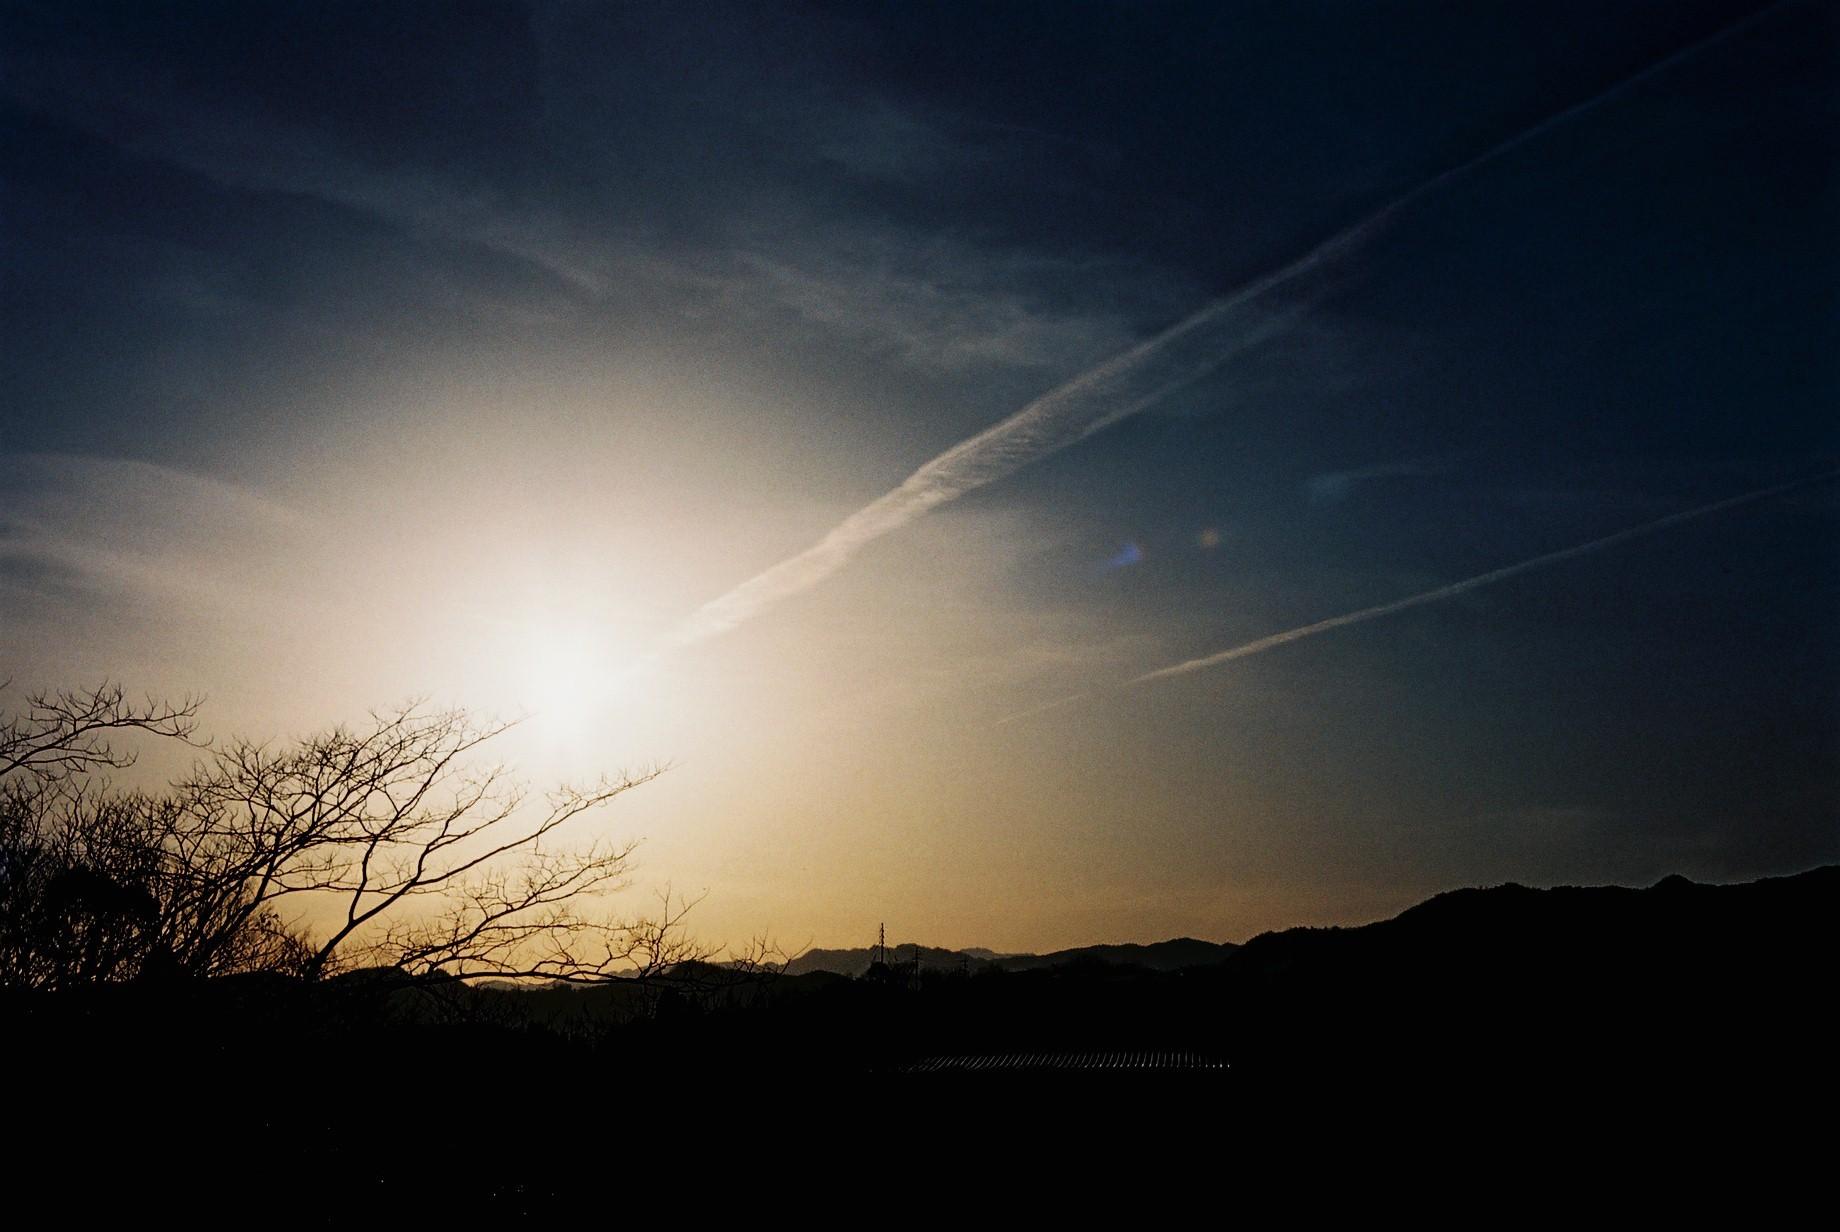 瑠璃色の夕暮れ_a0174458_23592733.jpg